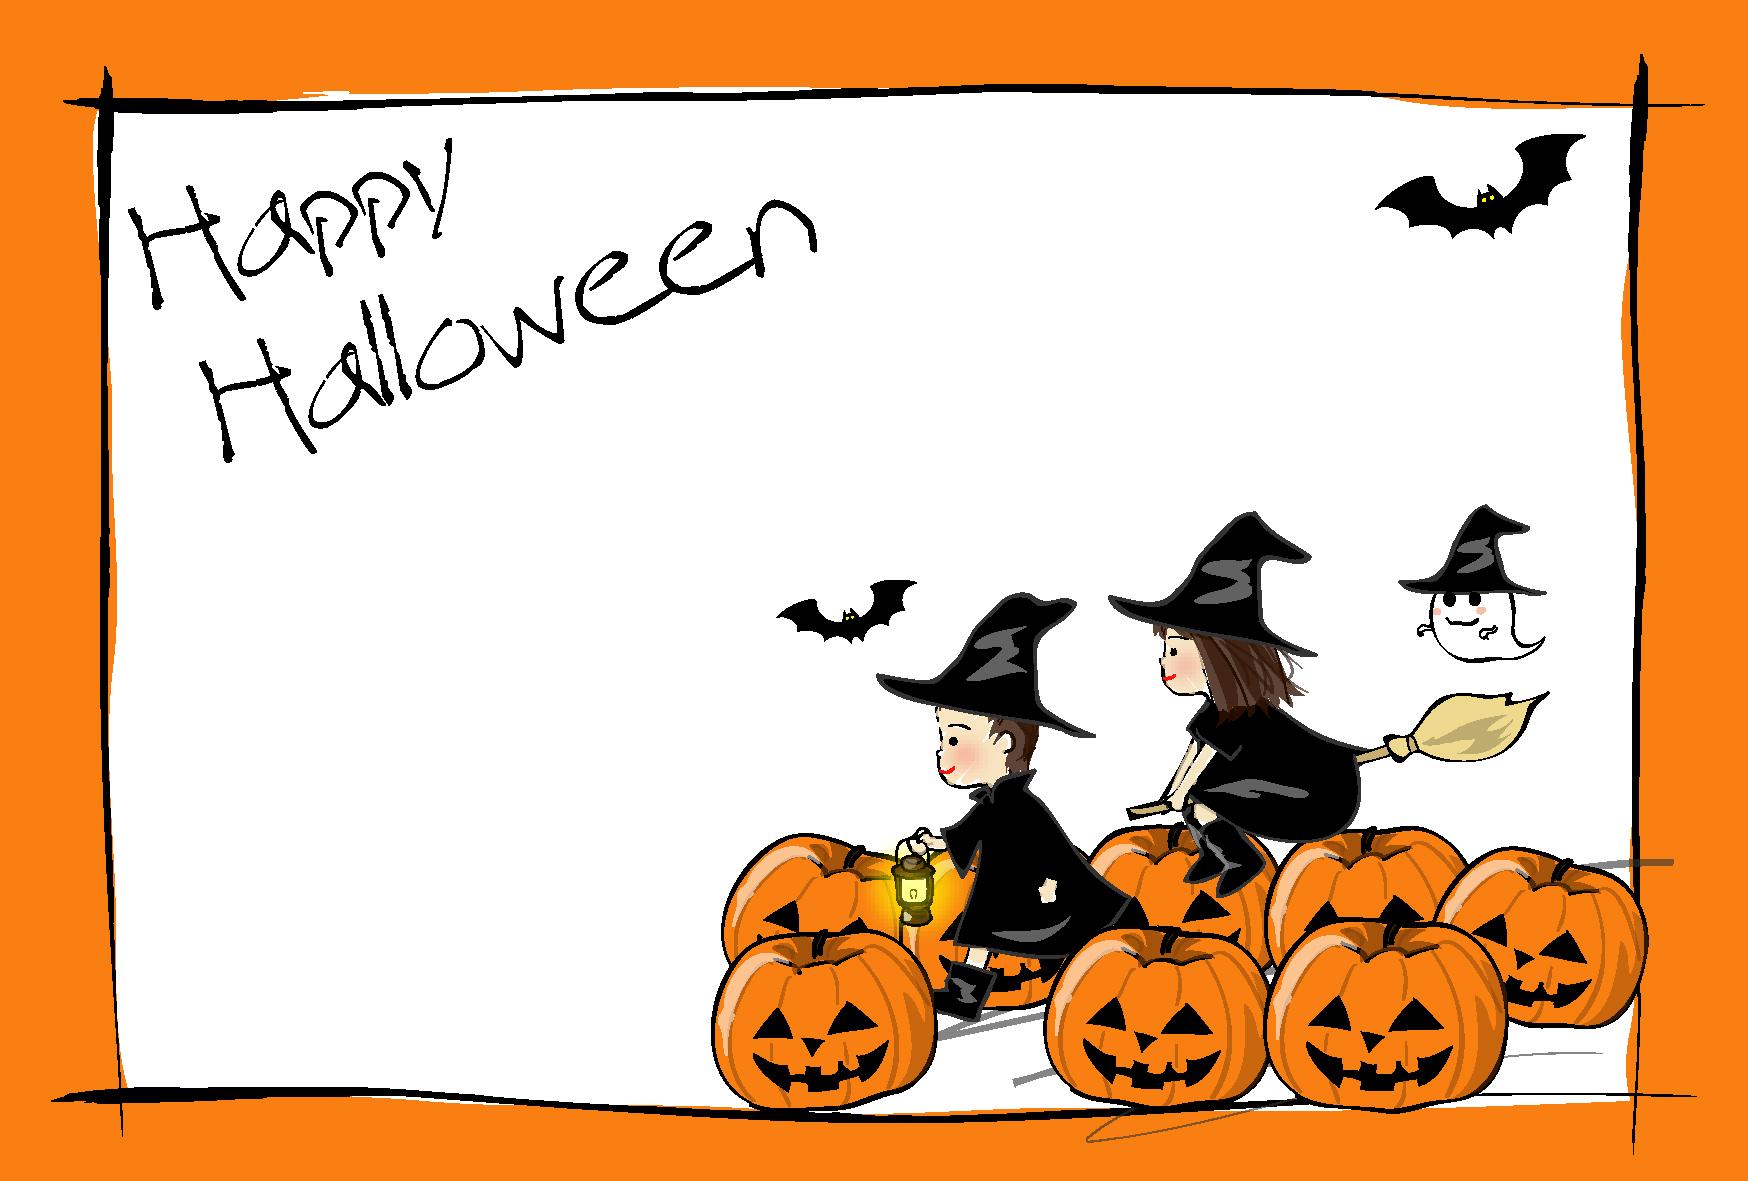 ハロウィン・子どもとかぼちゃ・オレンジの枠」はがきテンプレート